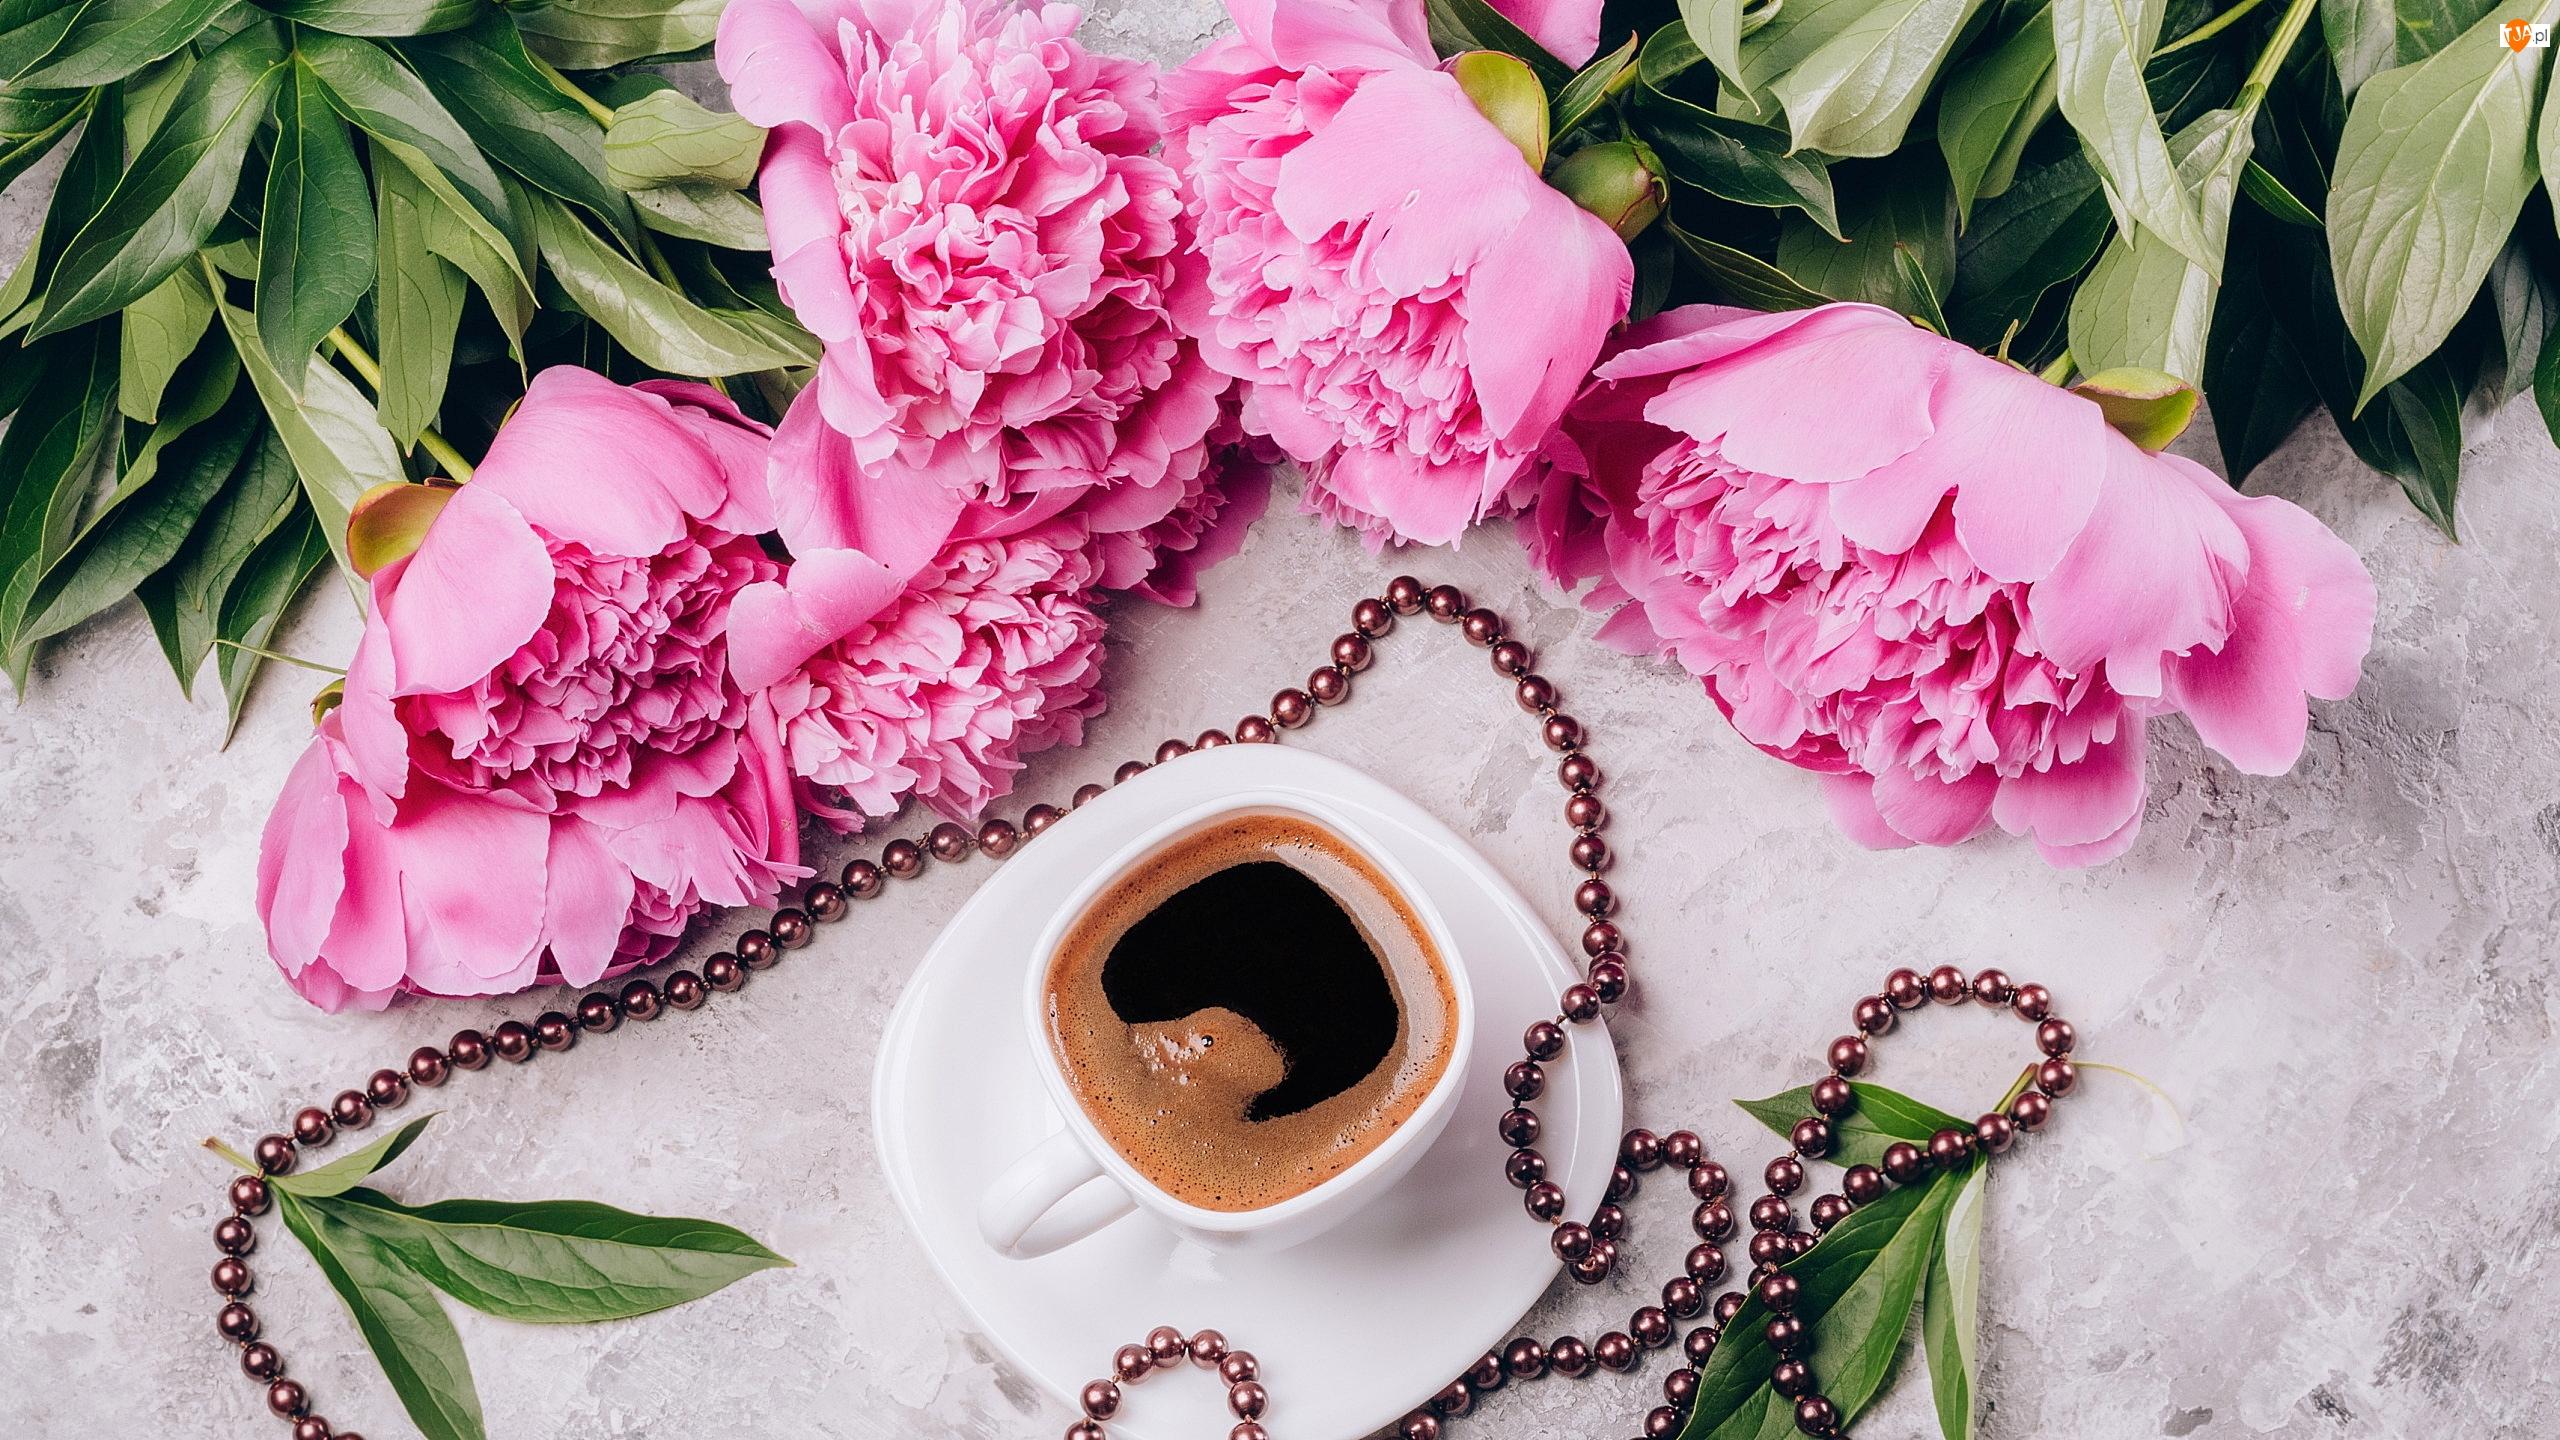 Filiżanka, Koraliki, Piwonie, Kwiaty, Kawa